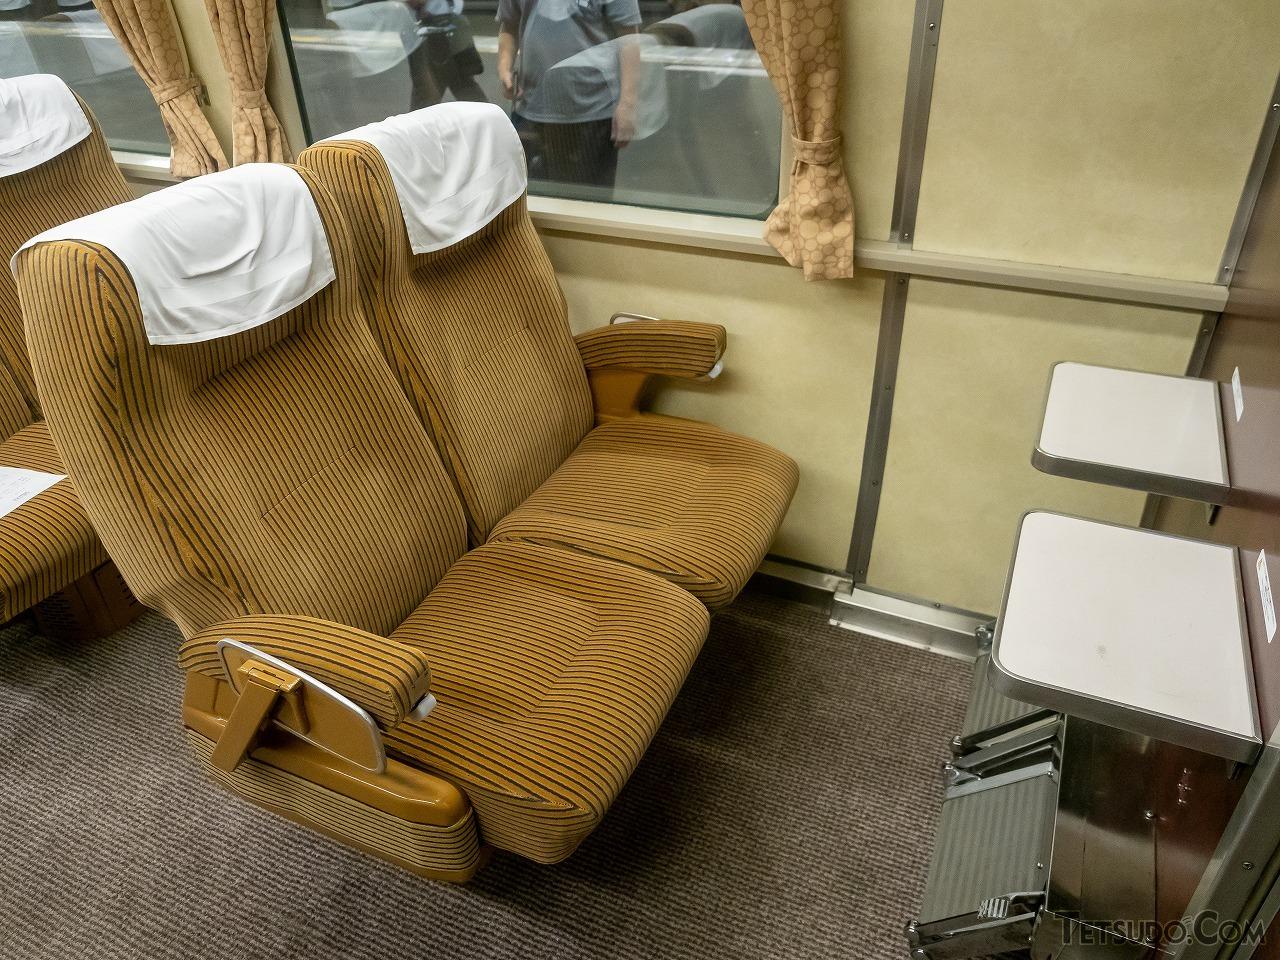 国鉄時代のグリーン車のシートを使ったドリームカー。重厚なリクライニングシートの座り心地を楽しめるのもここだけ